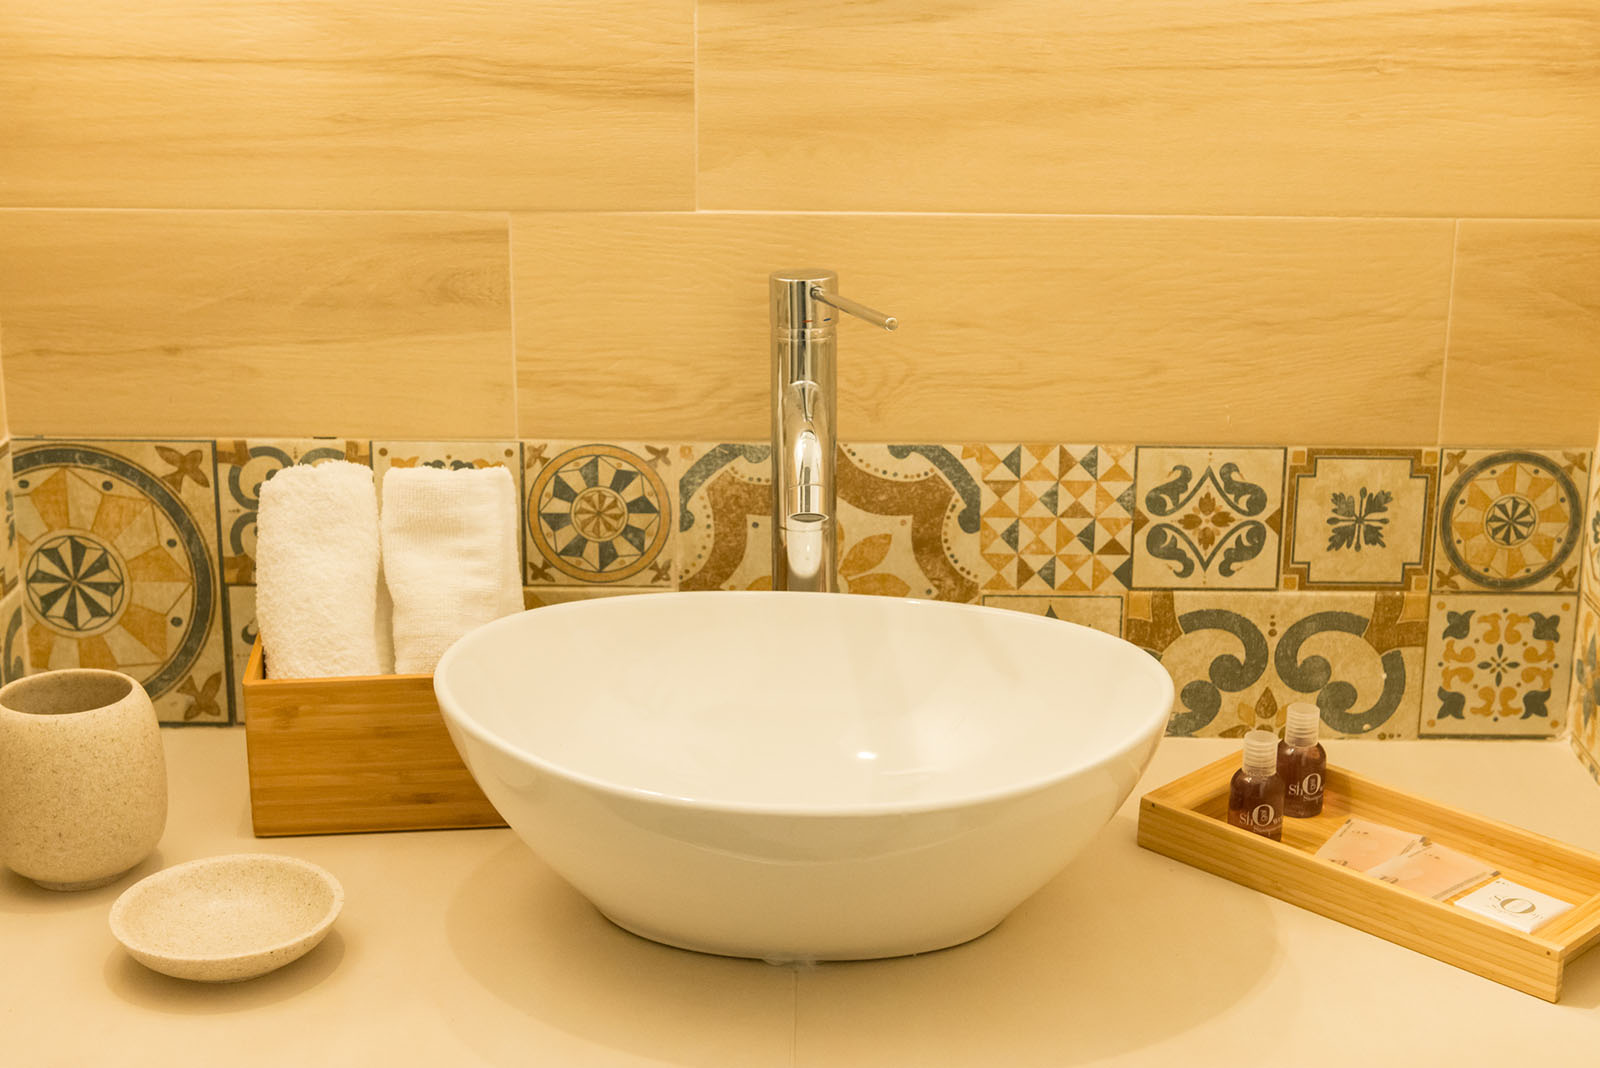 bed and breakfast agropoli progettazione architettonica domotica salerno break for two mare canopy room bagno 2 b&b